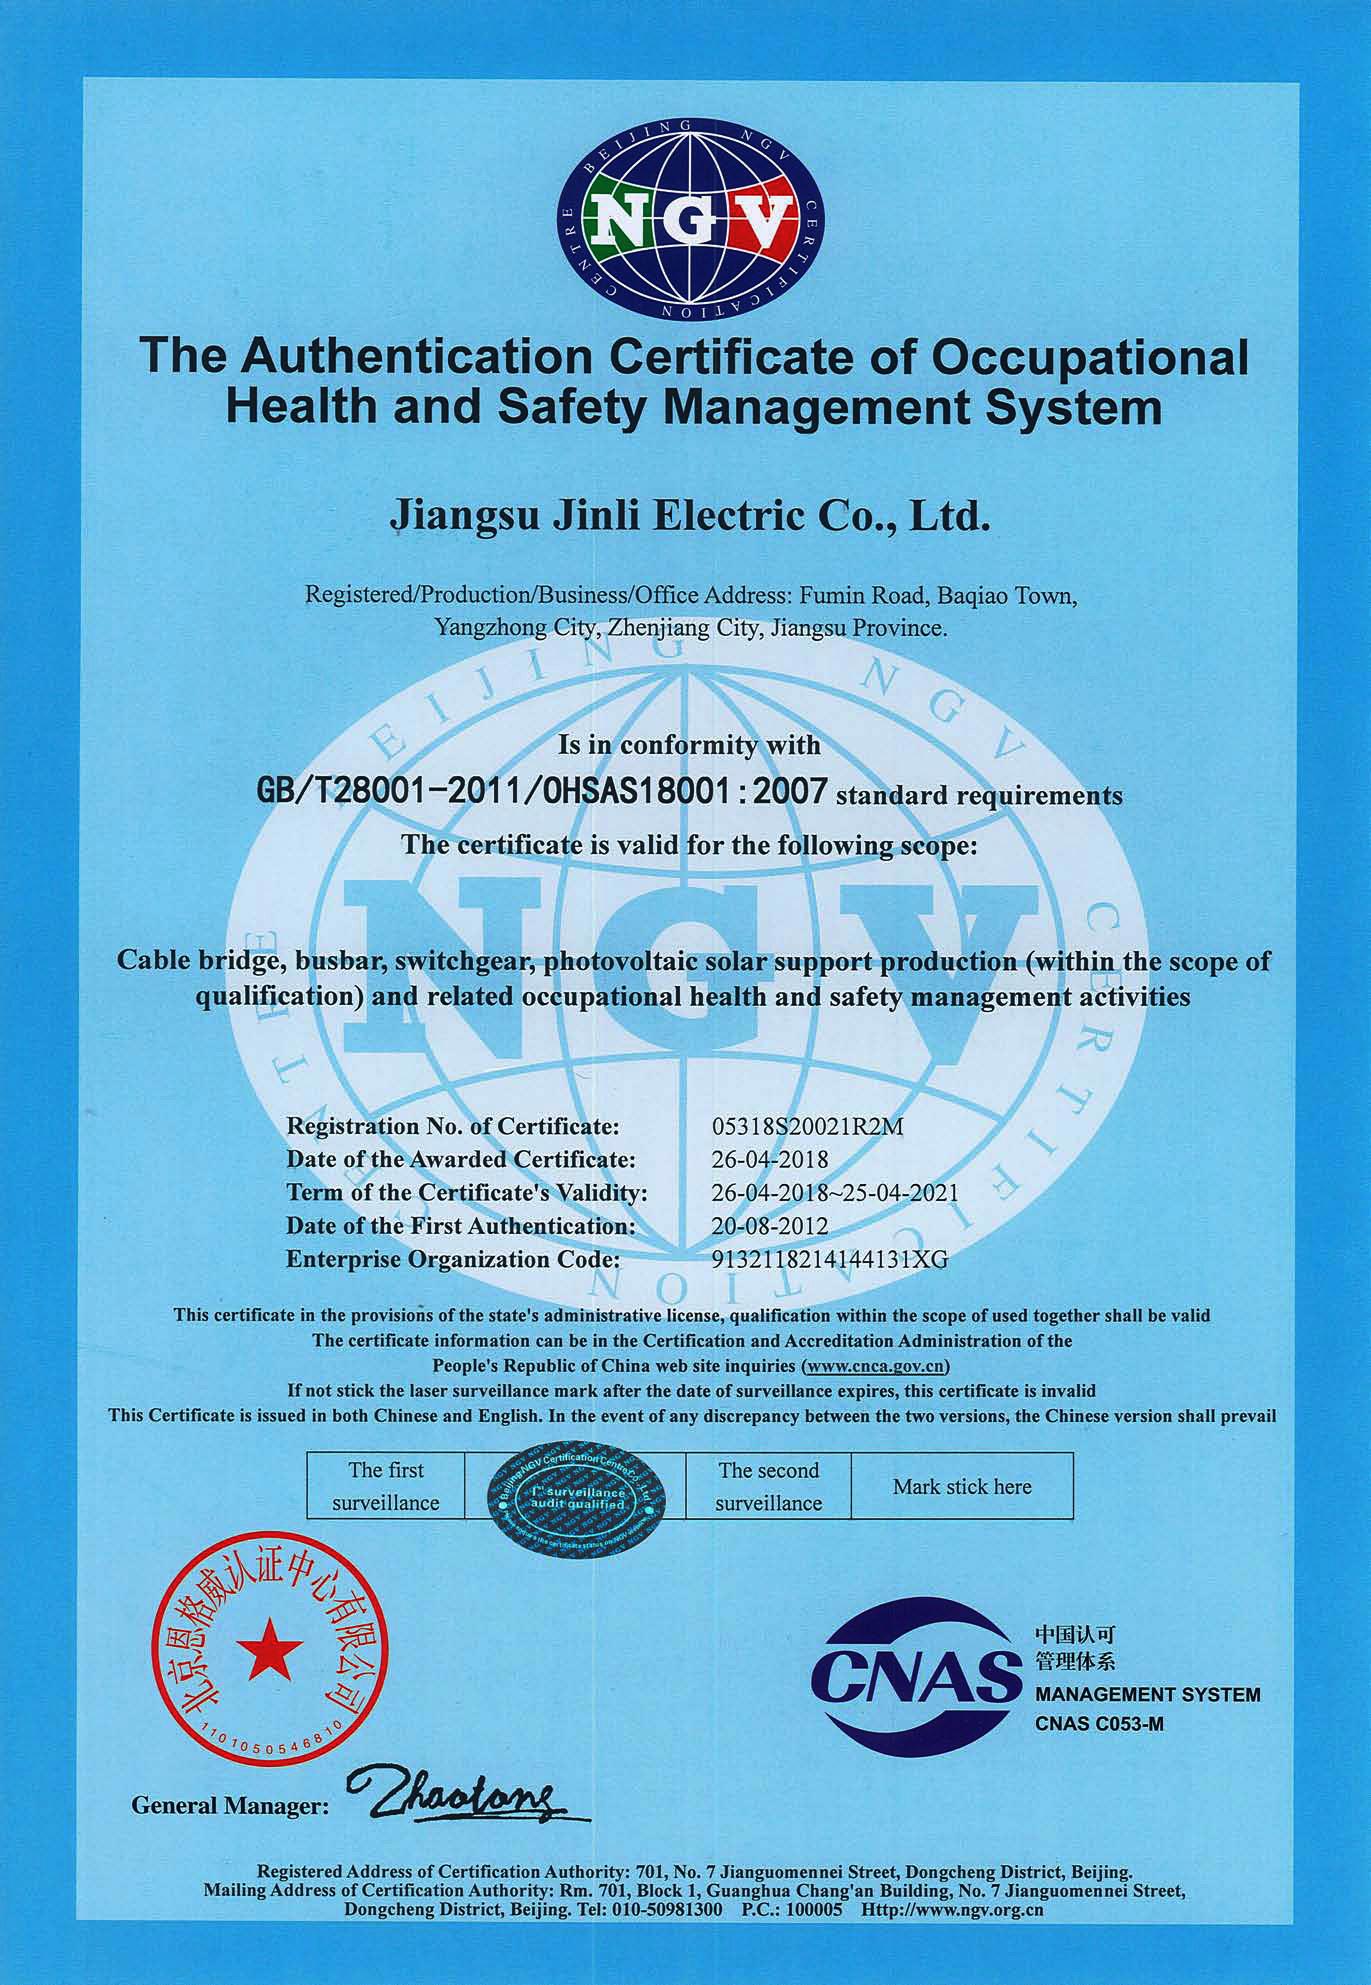 職業健康安全管理體系認證證書英文